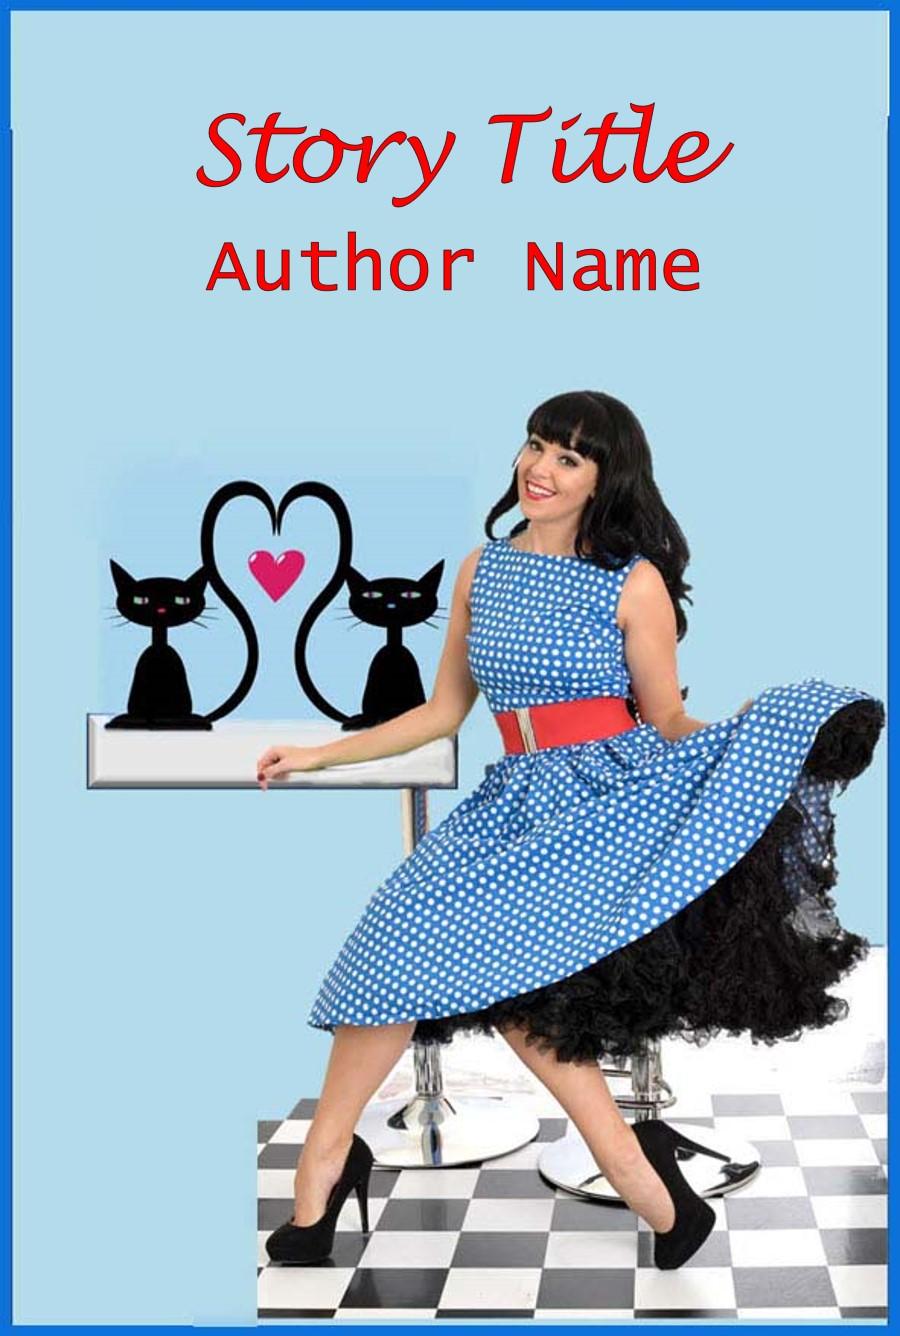 Group I. Girl, Blue Polka Dot Dress, cats, Whimsical